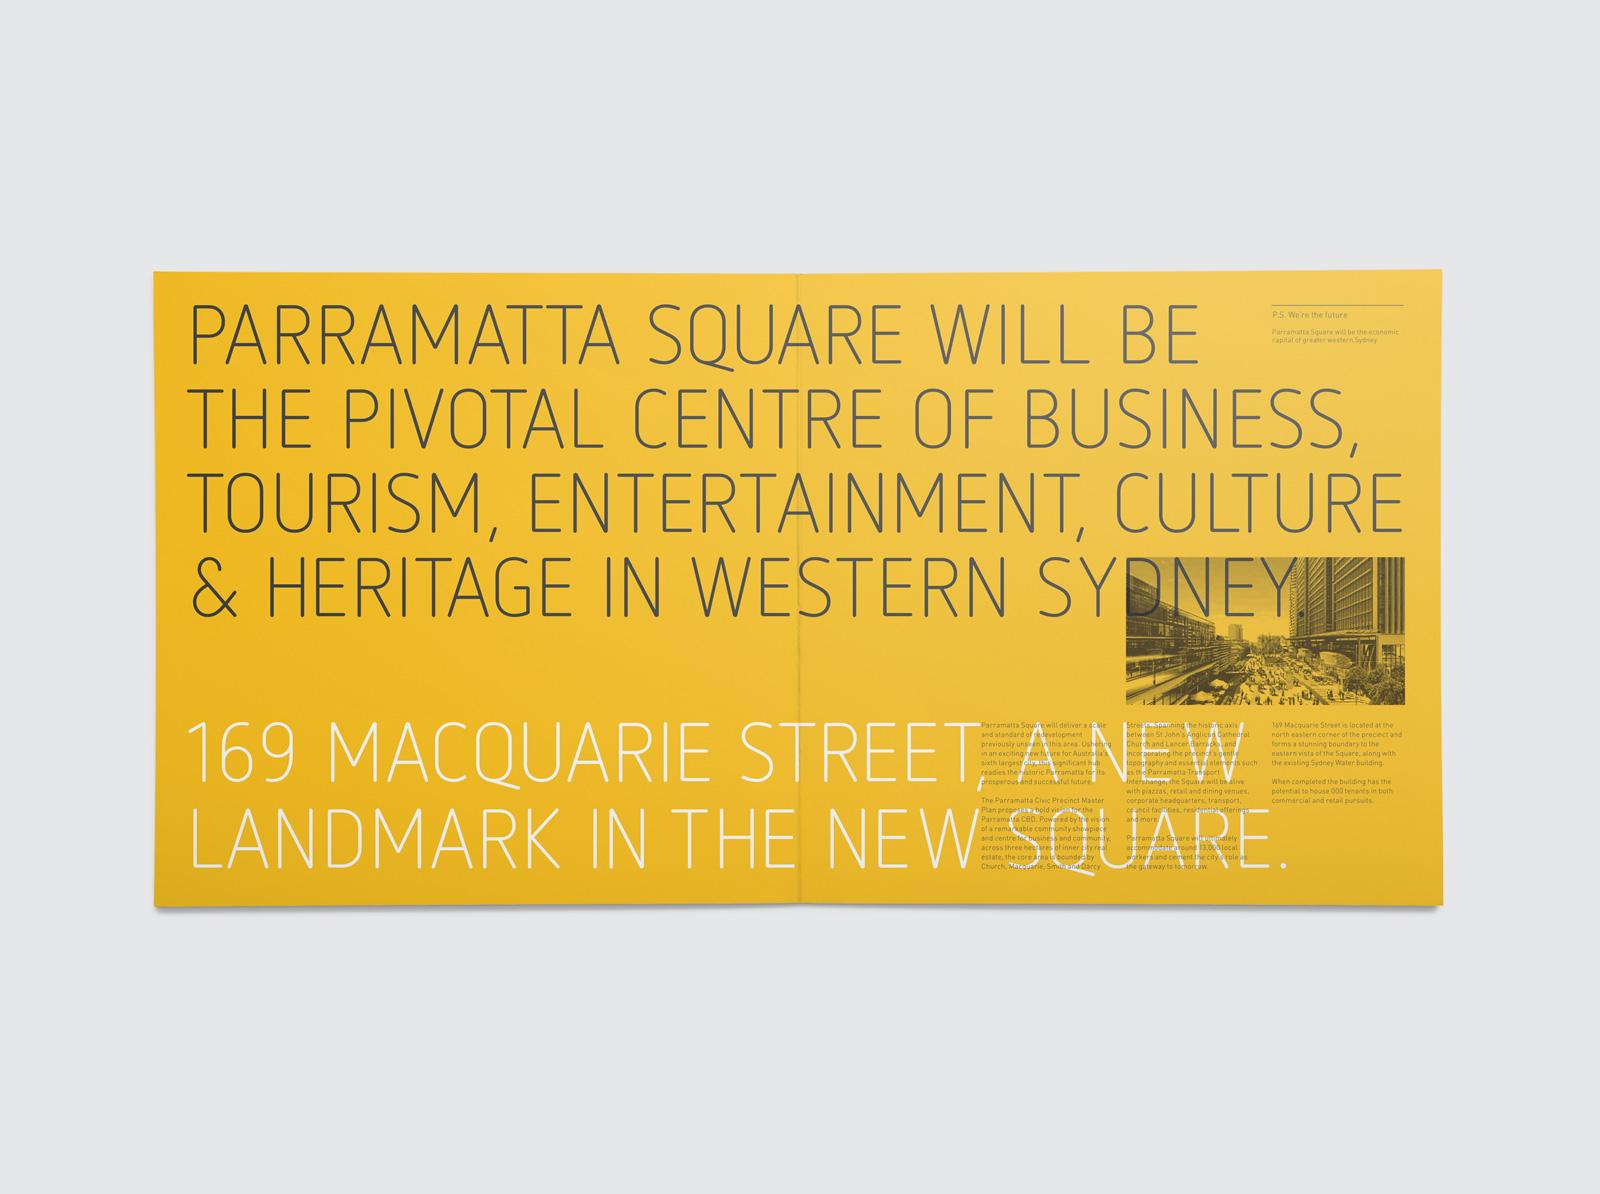 Matt_Johnson_Parramatta_07